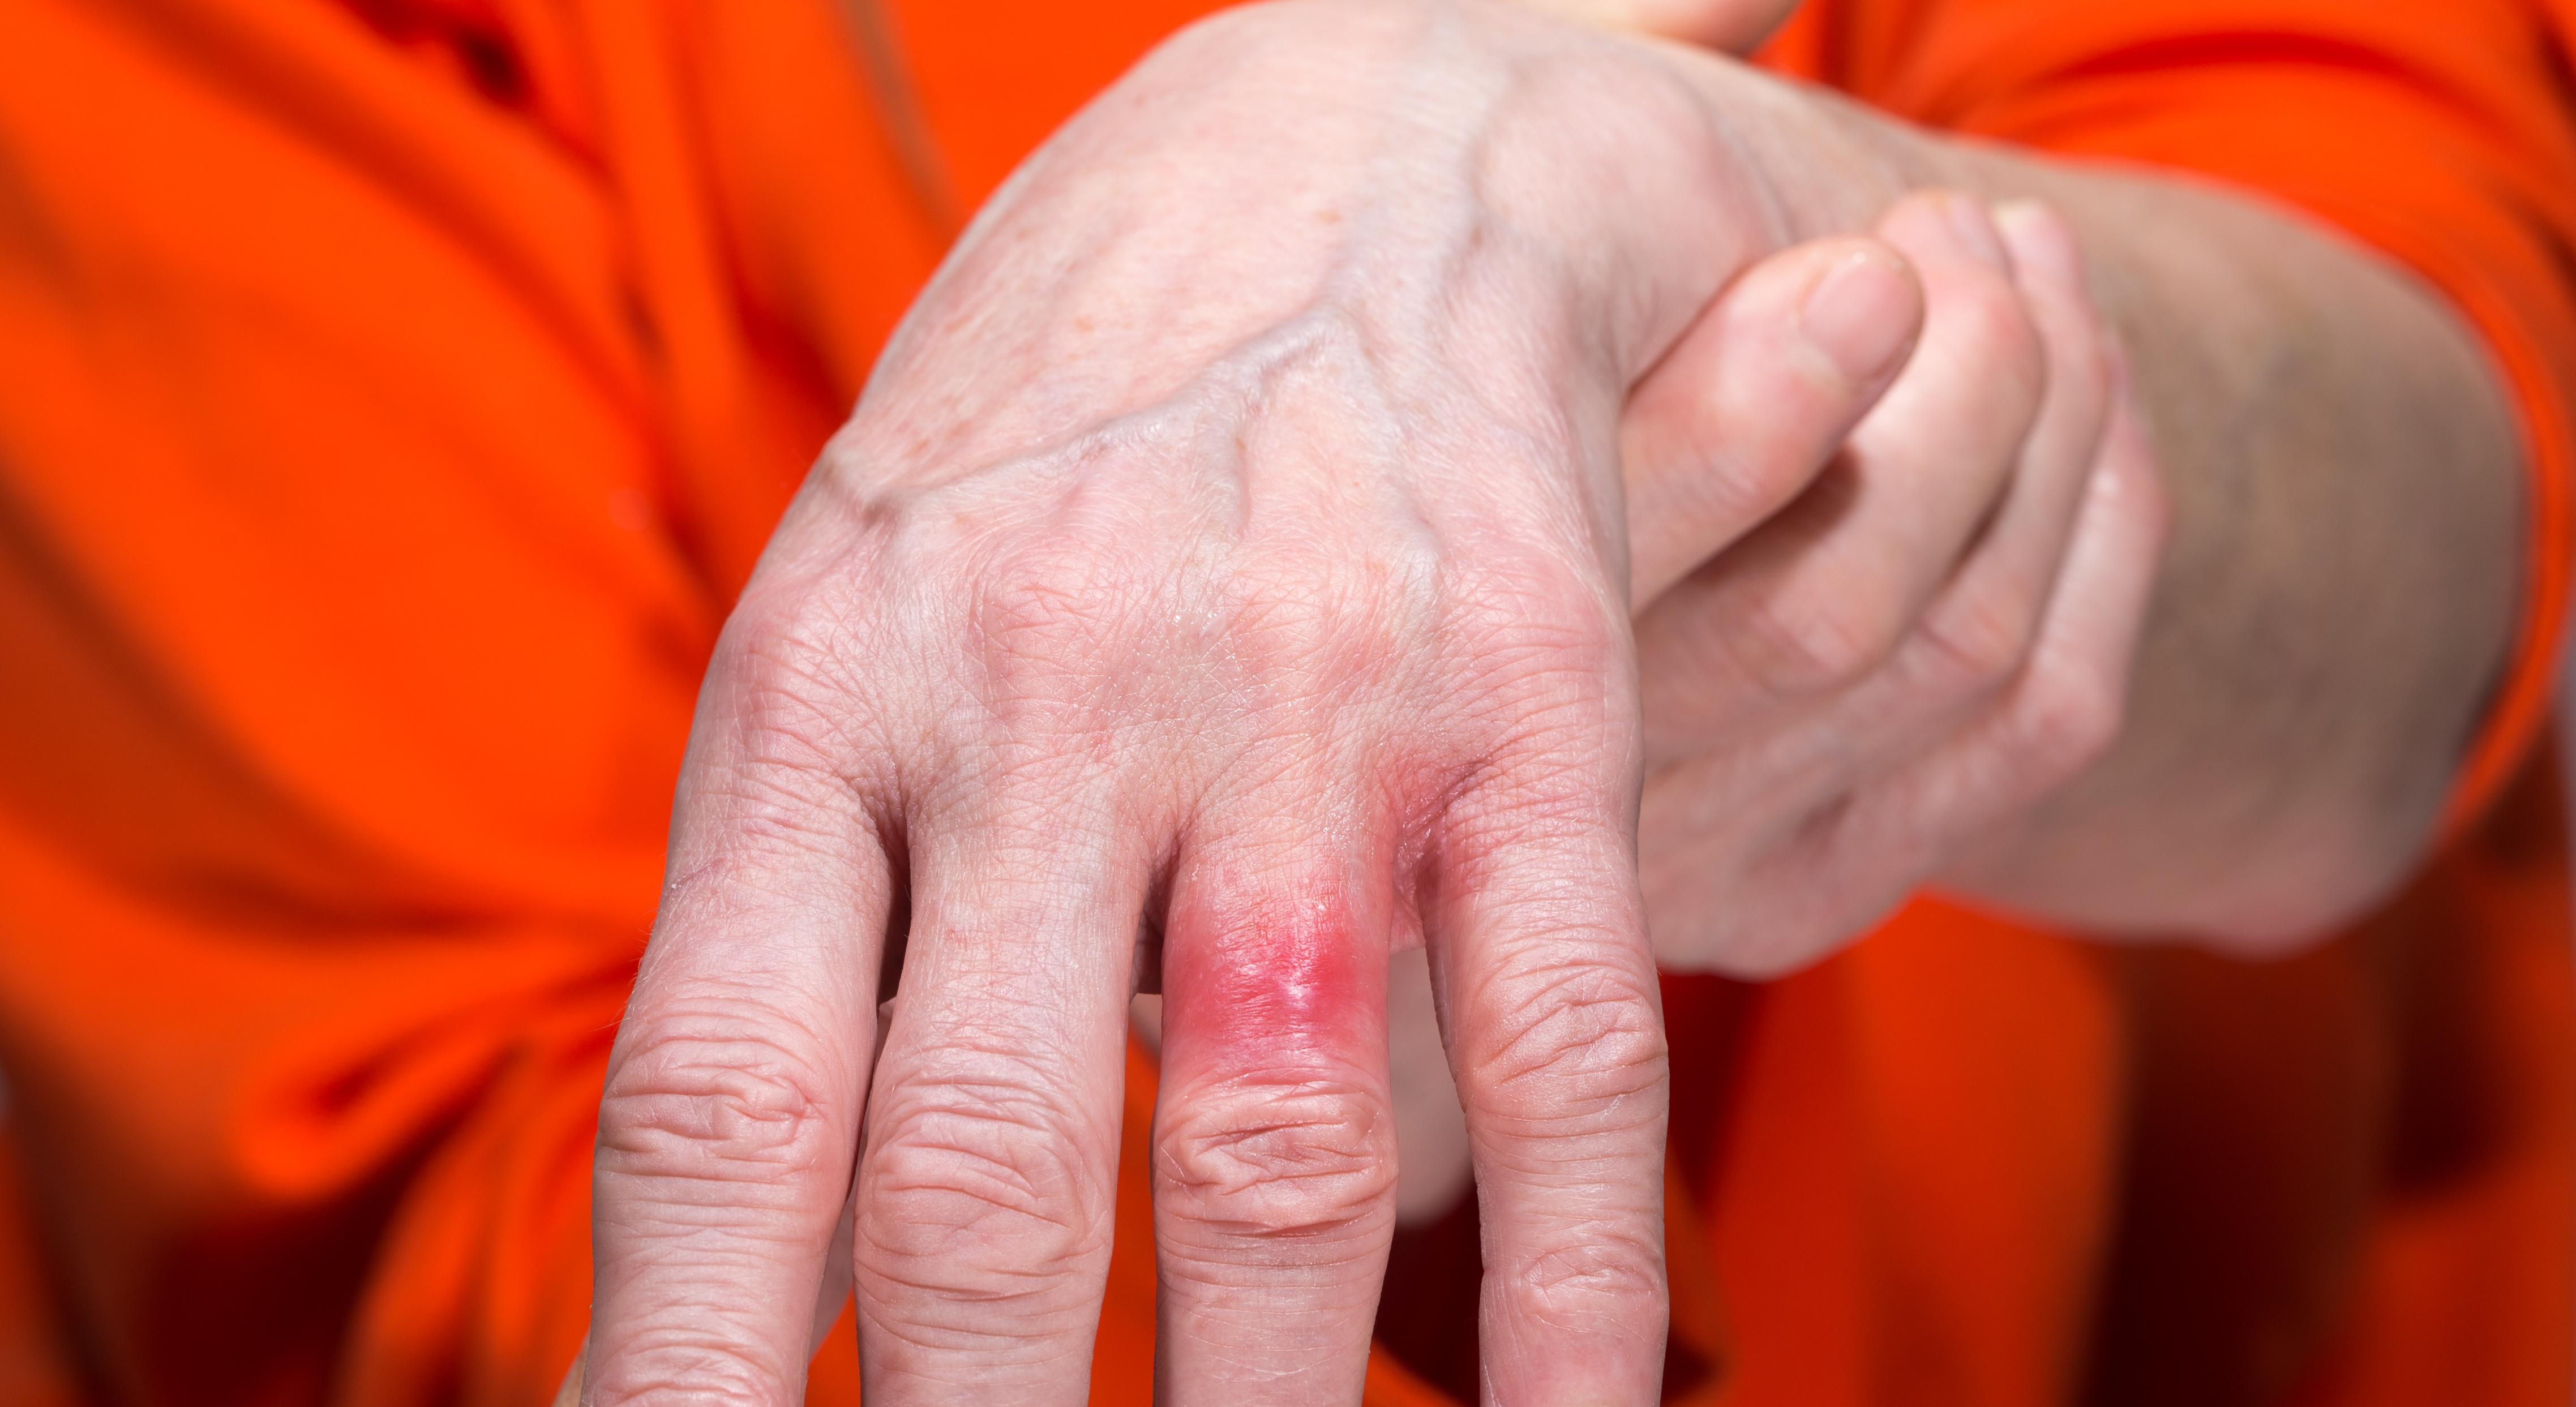 Eftersom nickelallergi ger upphov till  kontakteksem reagerar oftast huden där den har exponerats för nickel.